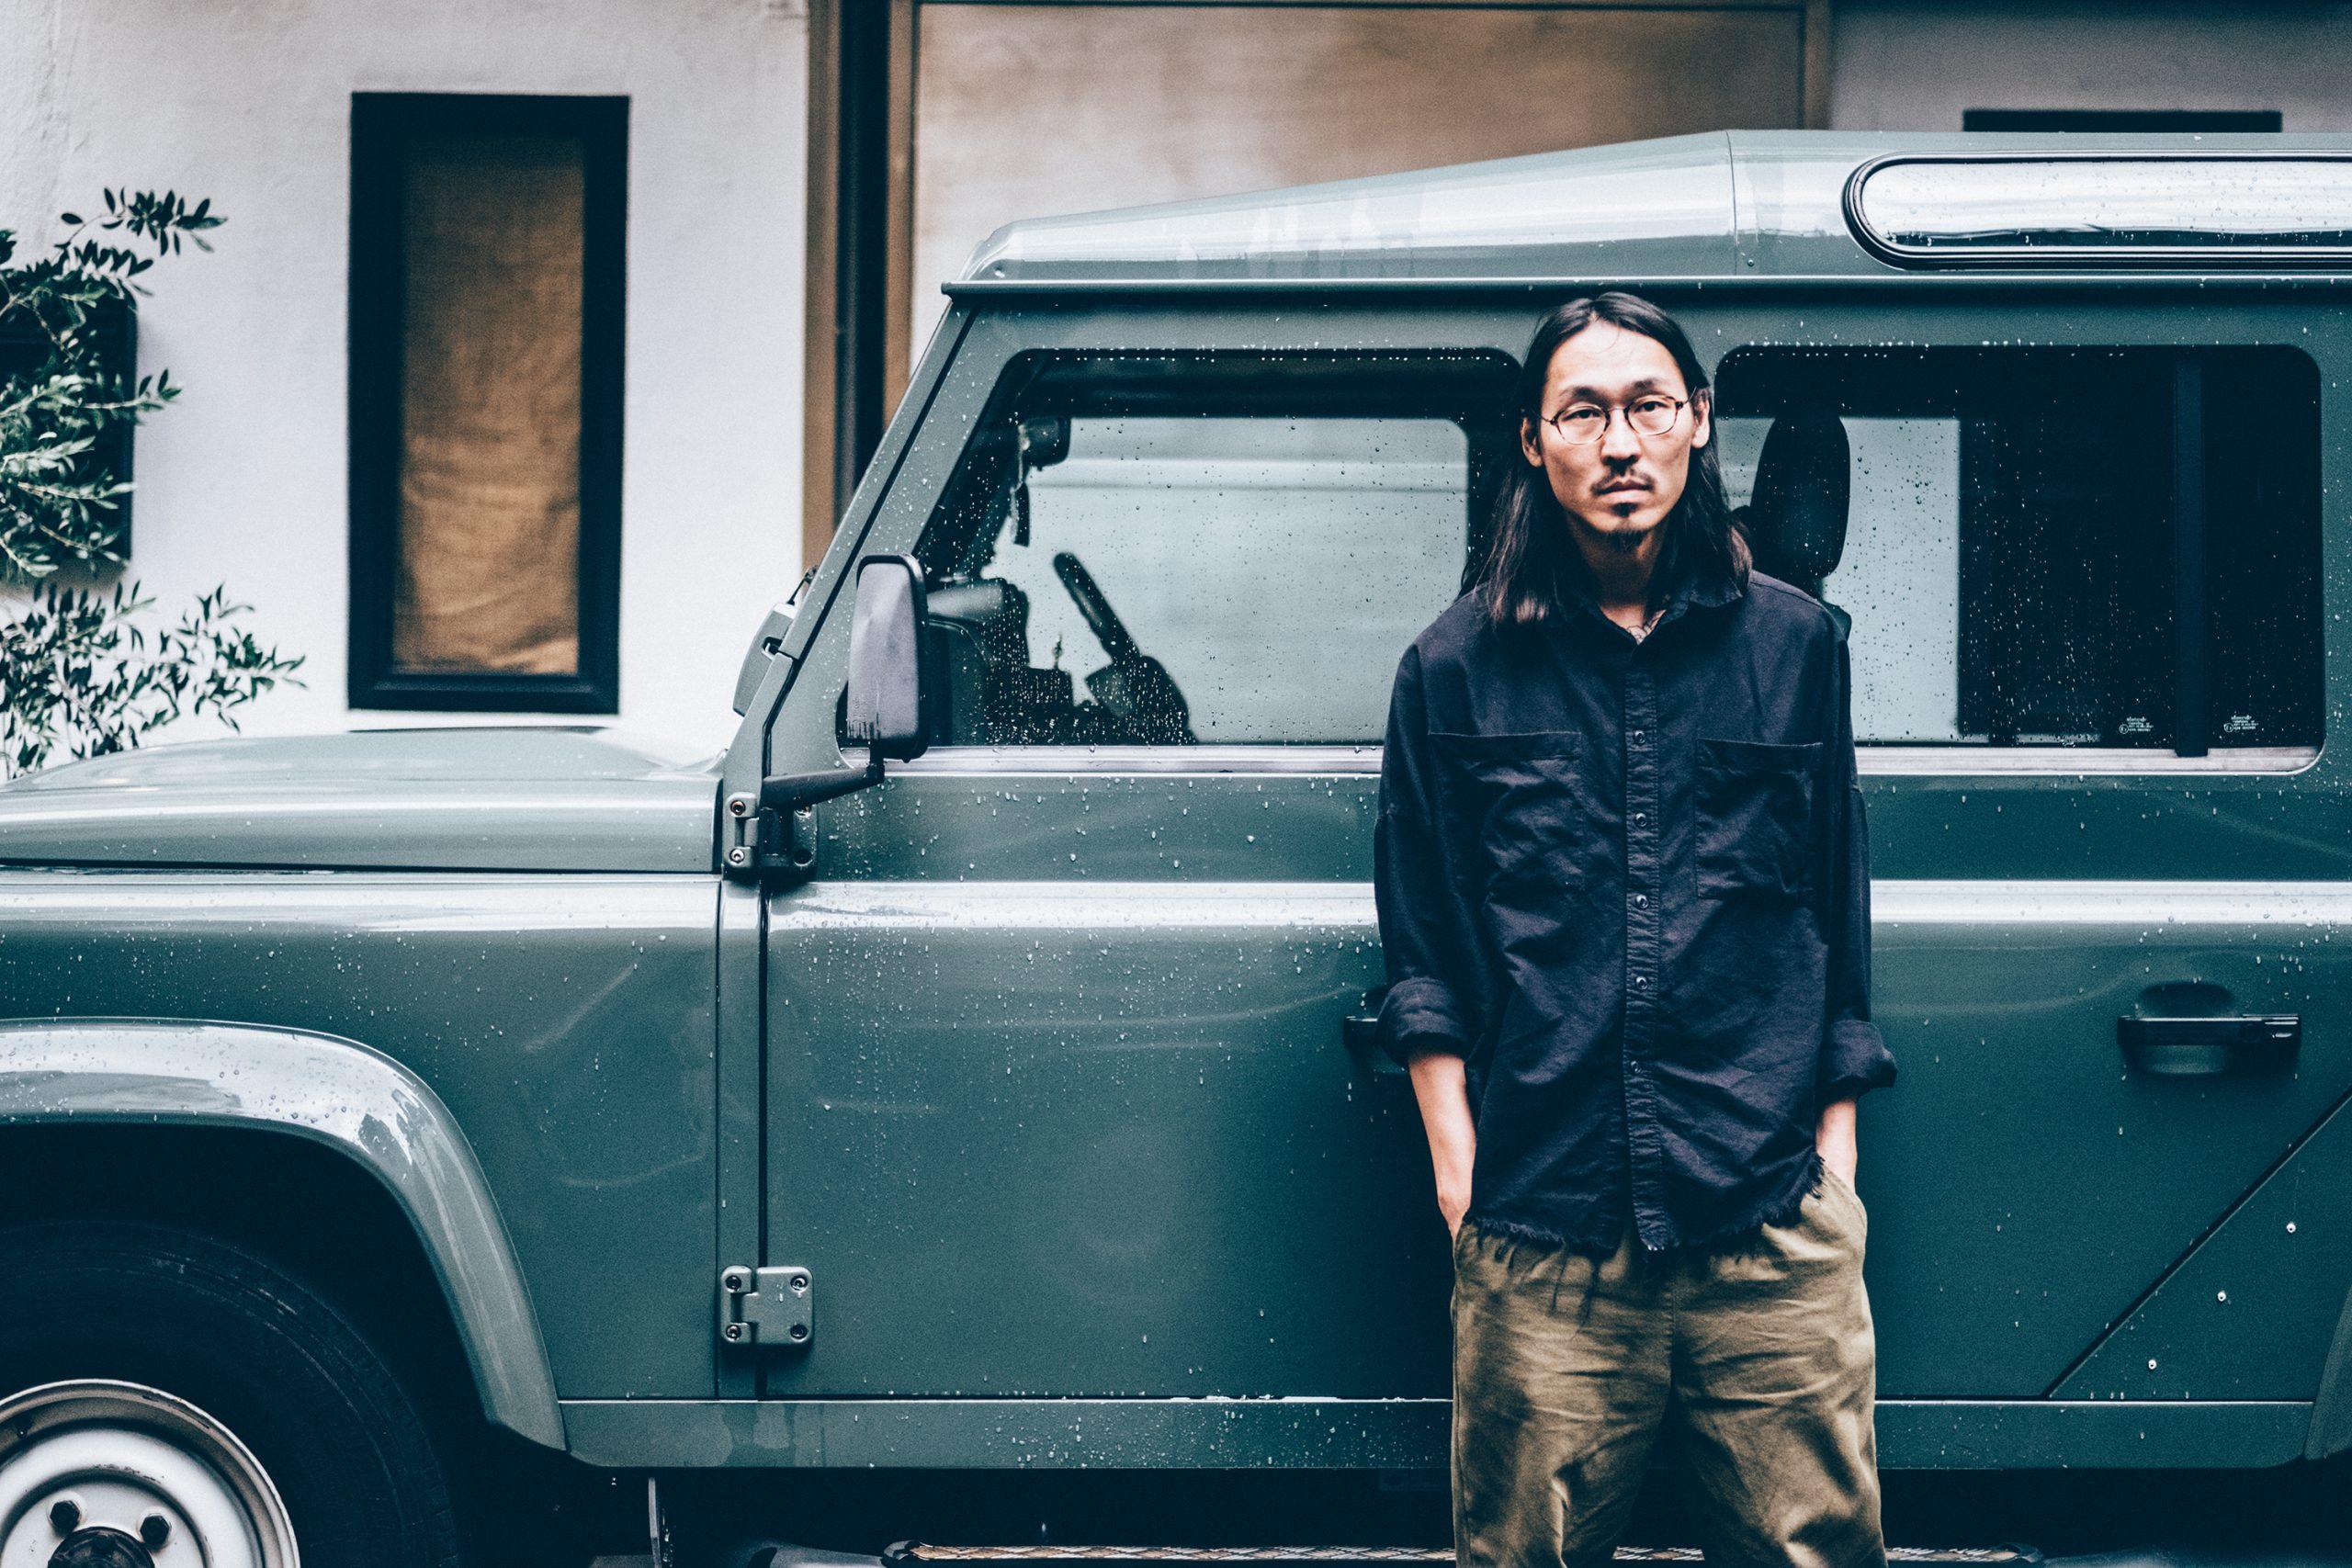 Moyung Lam – Photog Bio